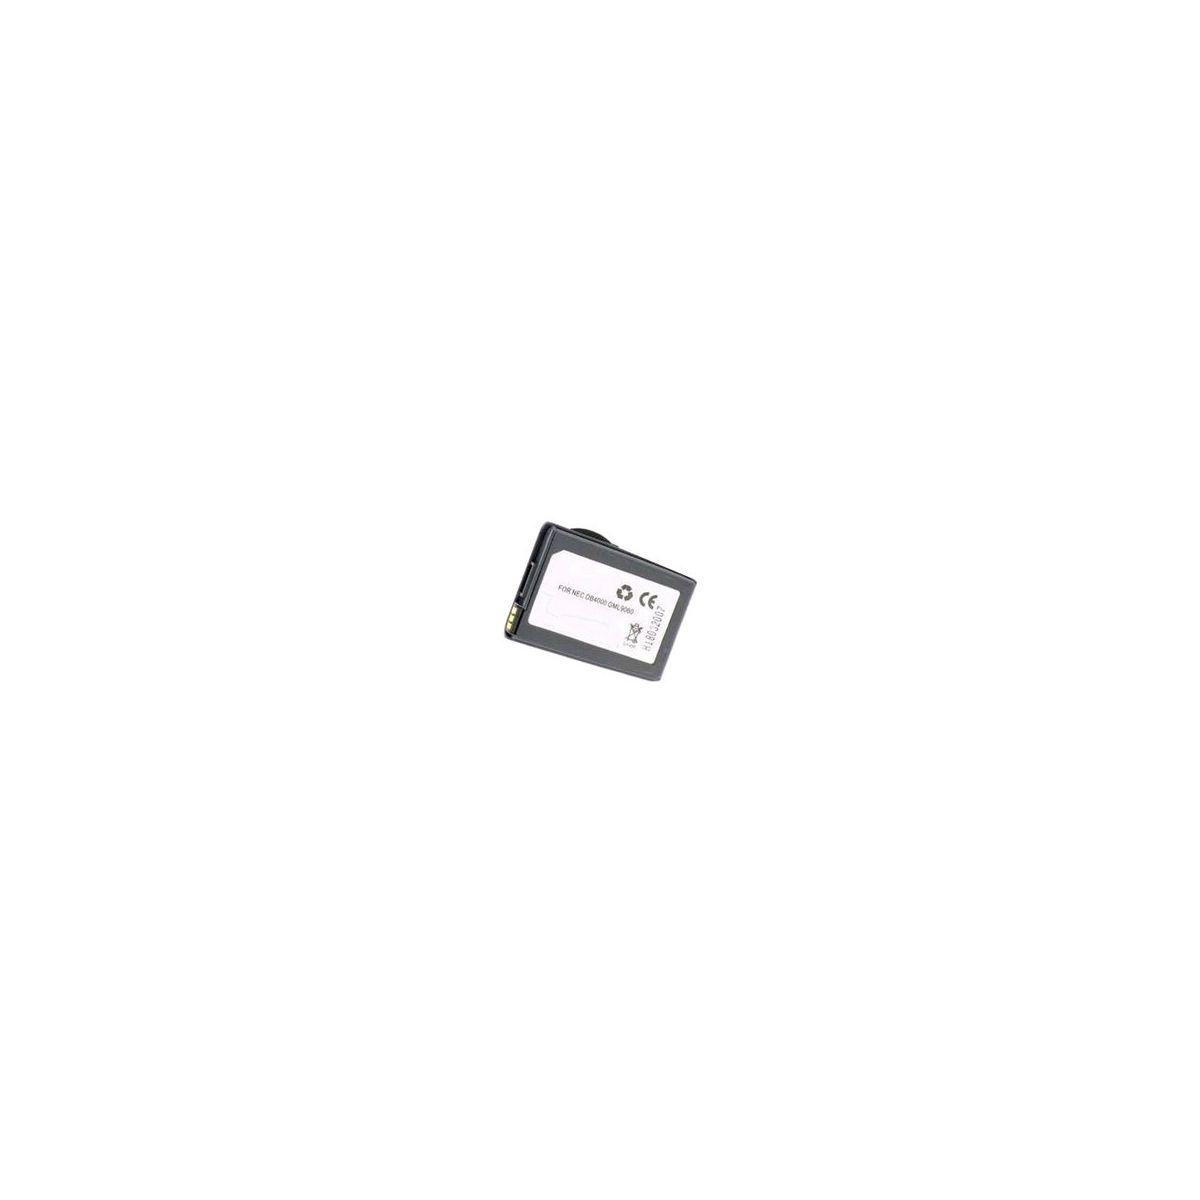 Batterie portable ENERGY EG068 (photo)